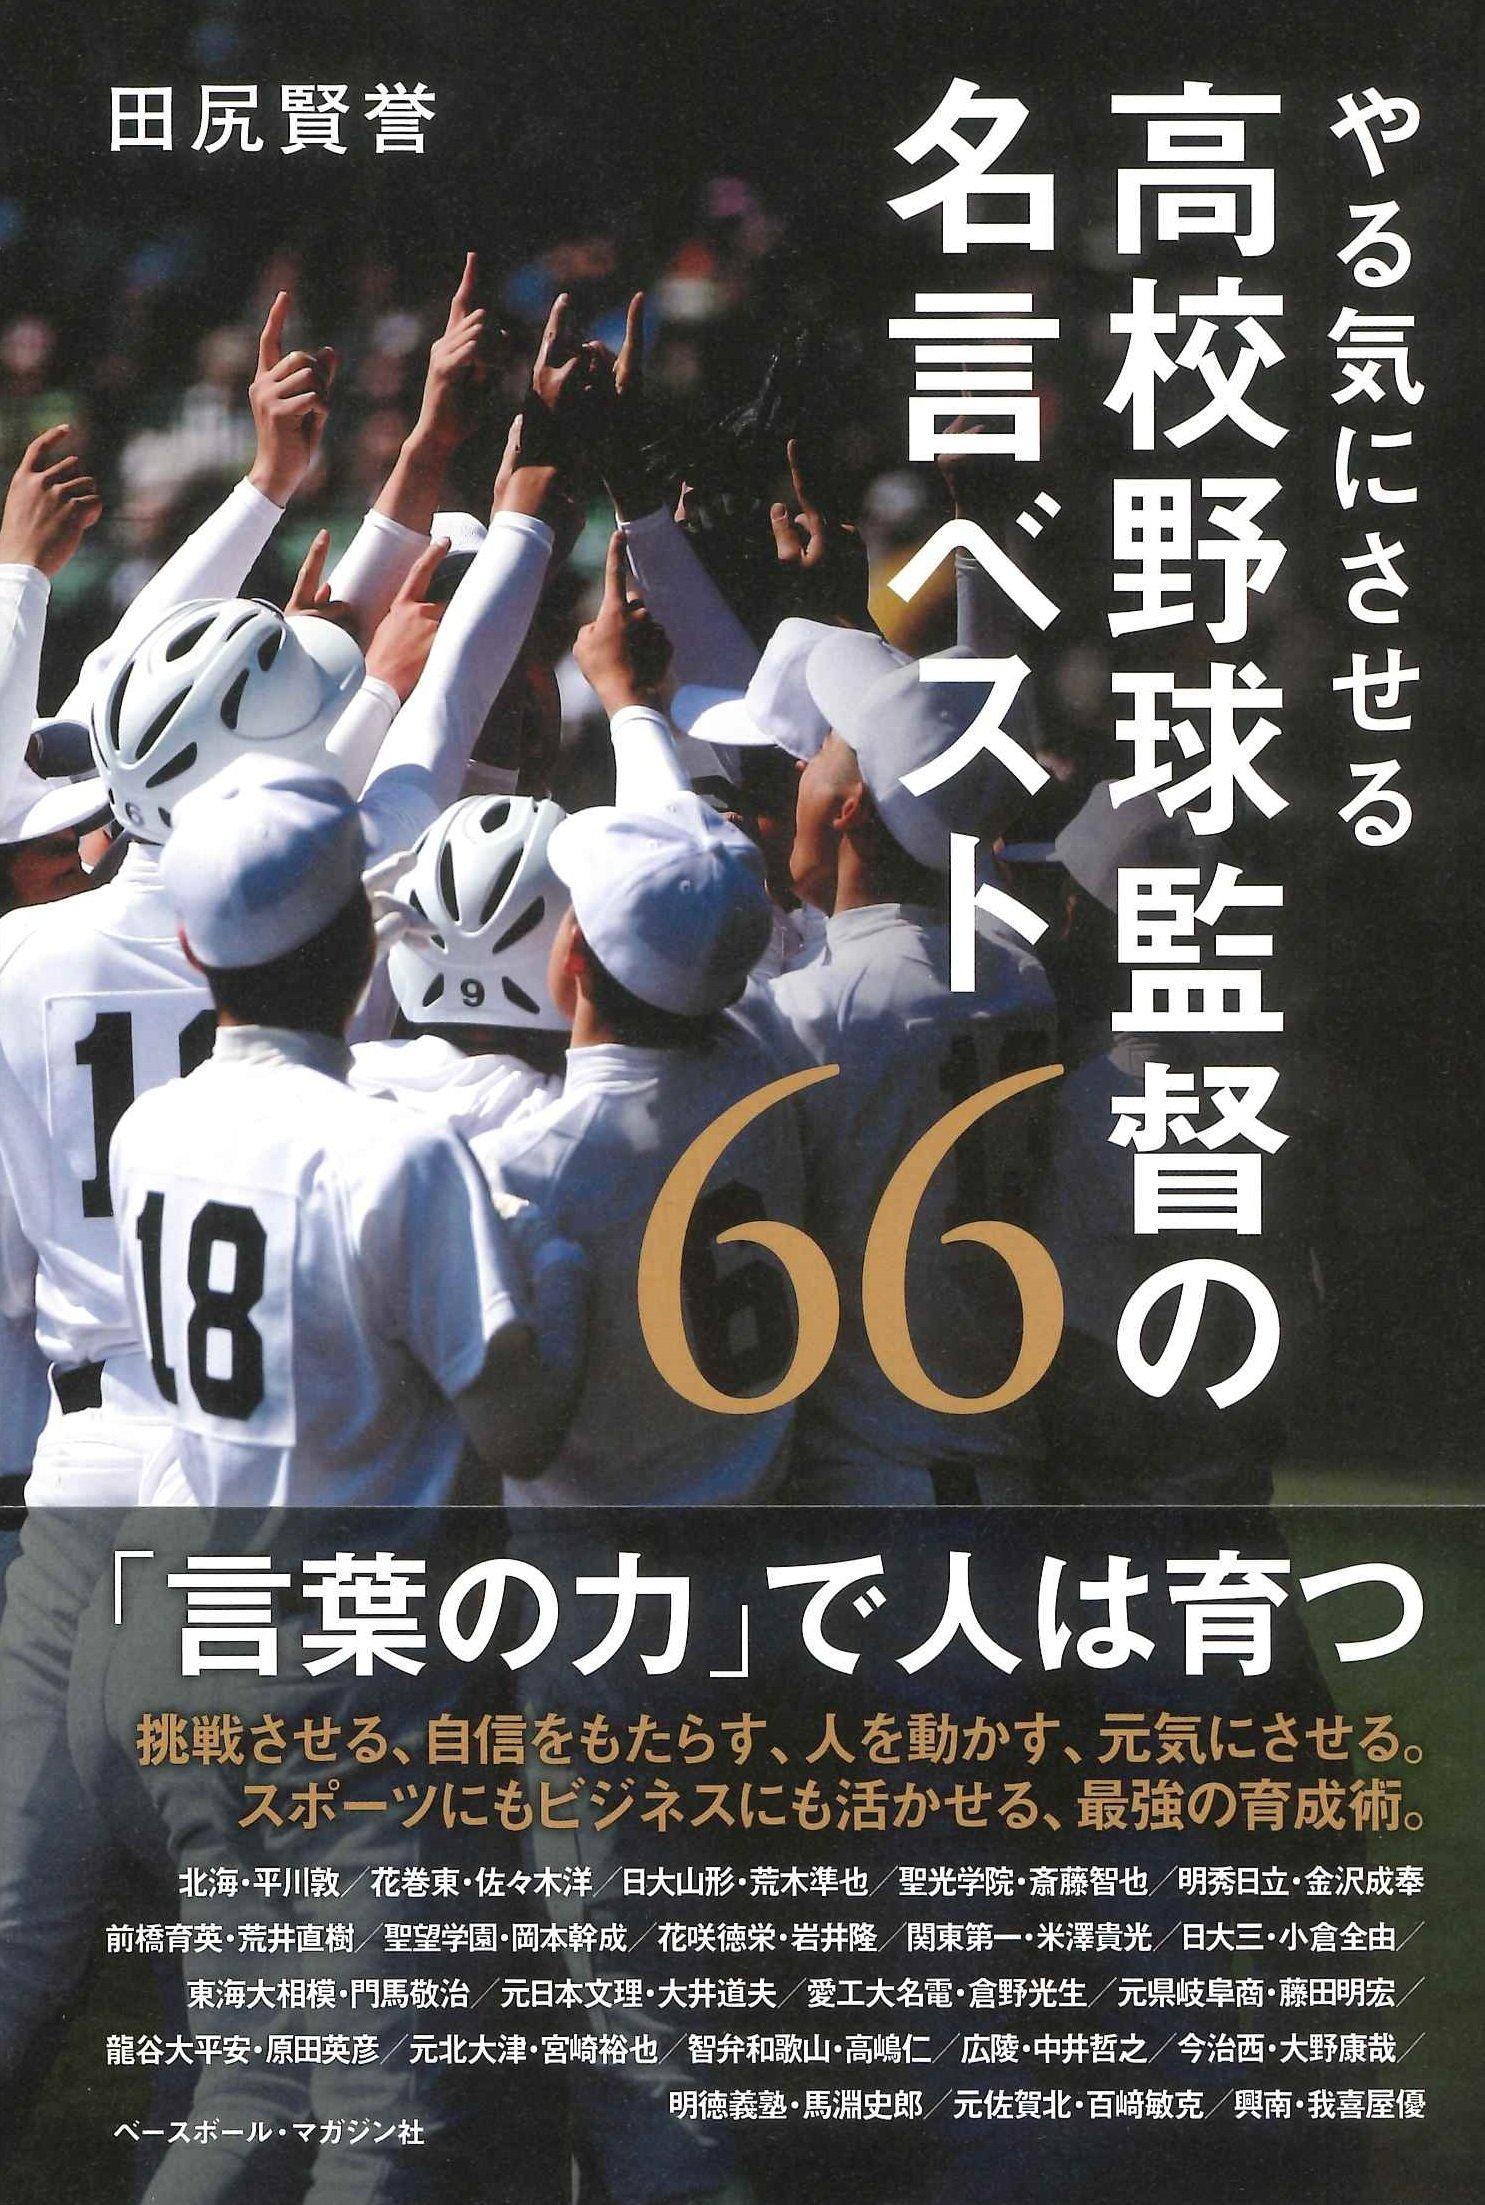 やる気にさせる 高校野球監督の名言ベスト66 田尻 賢誉 本 通販